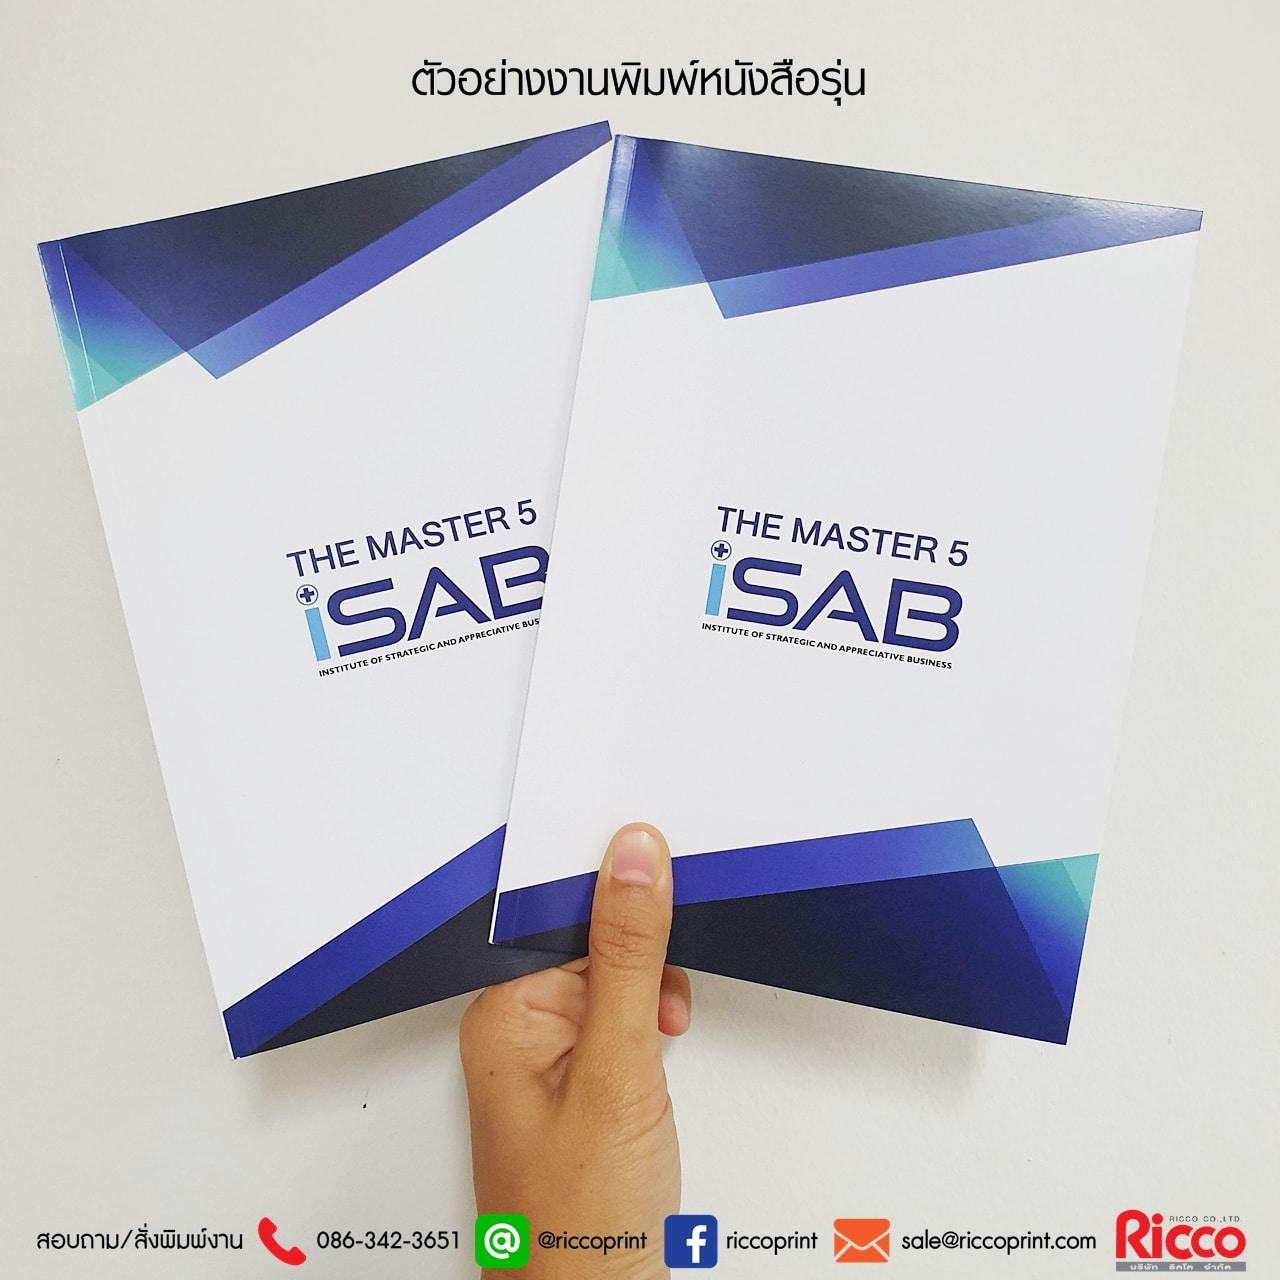 รูป Booklet 2020 05 - ประกอบเนื้อหา หนังสือ คู่มือ Booklet